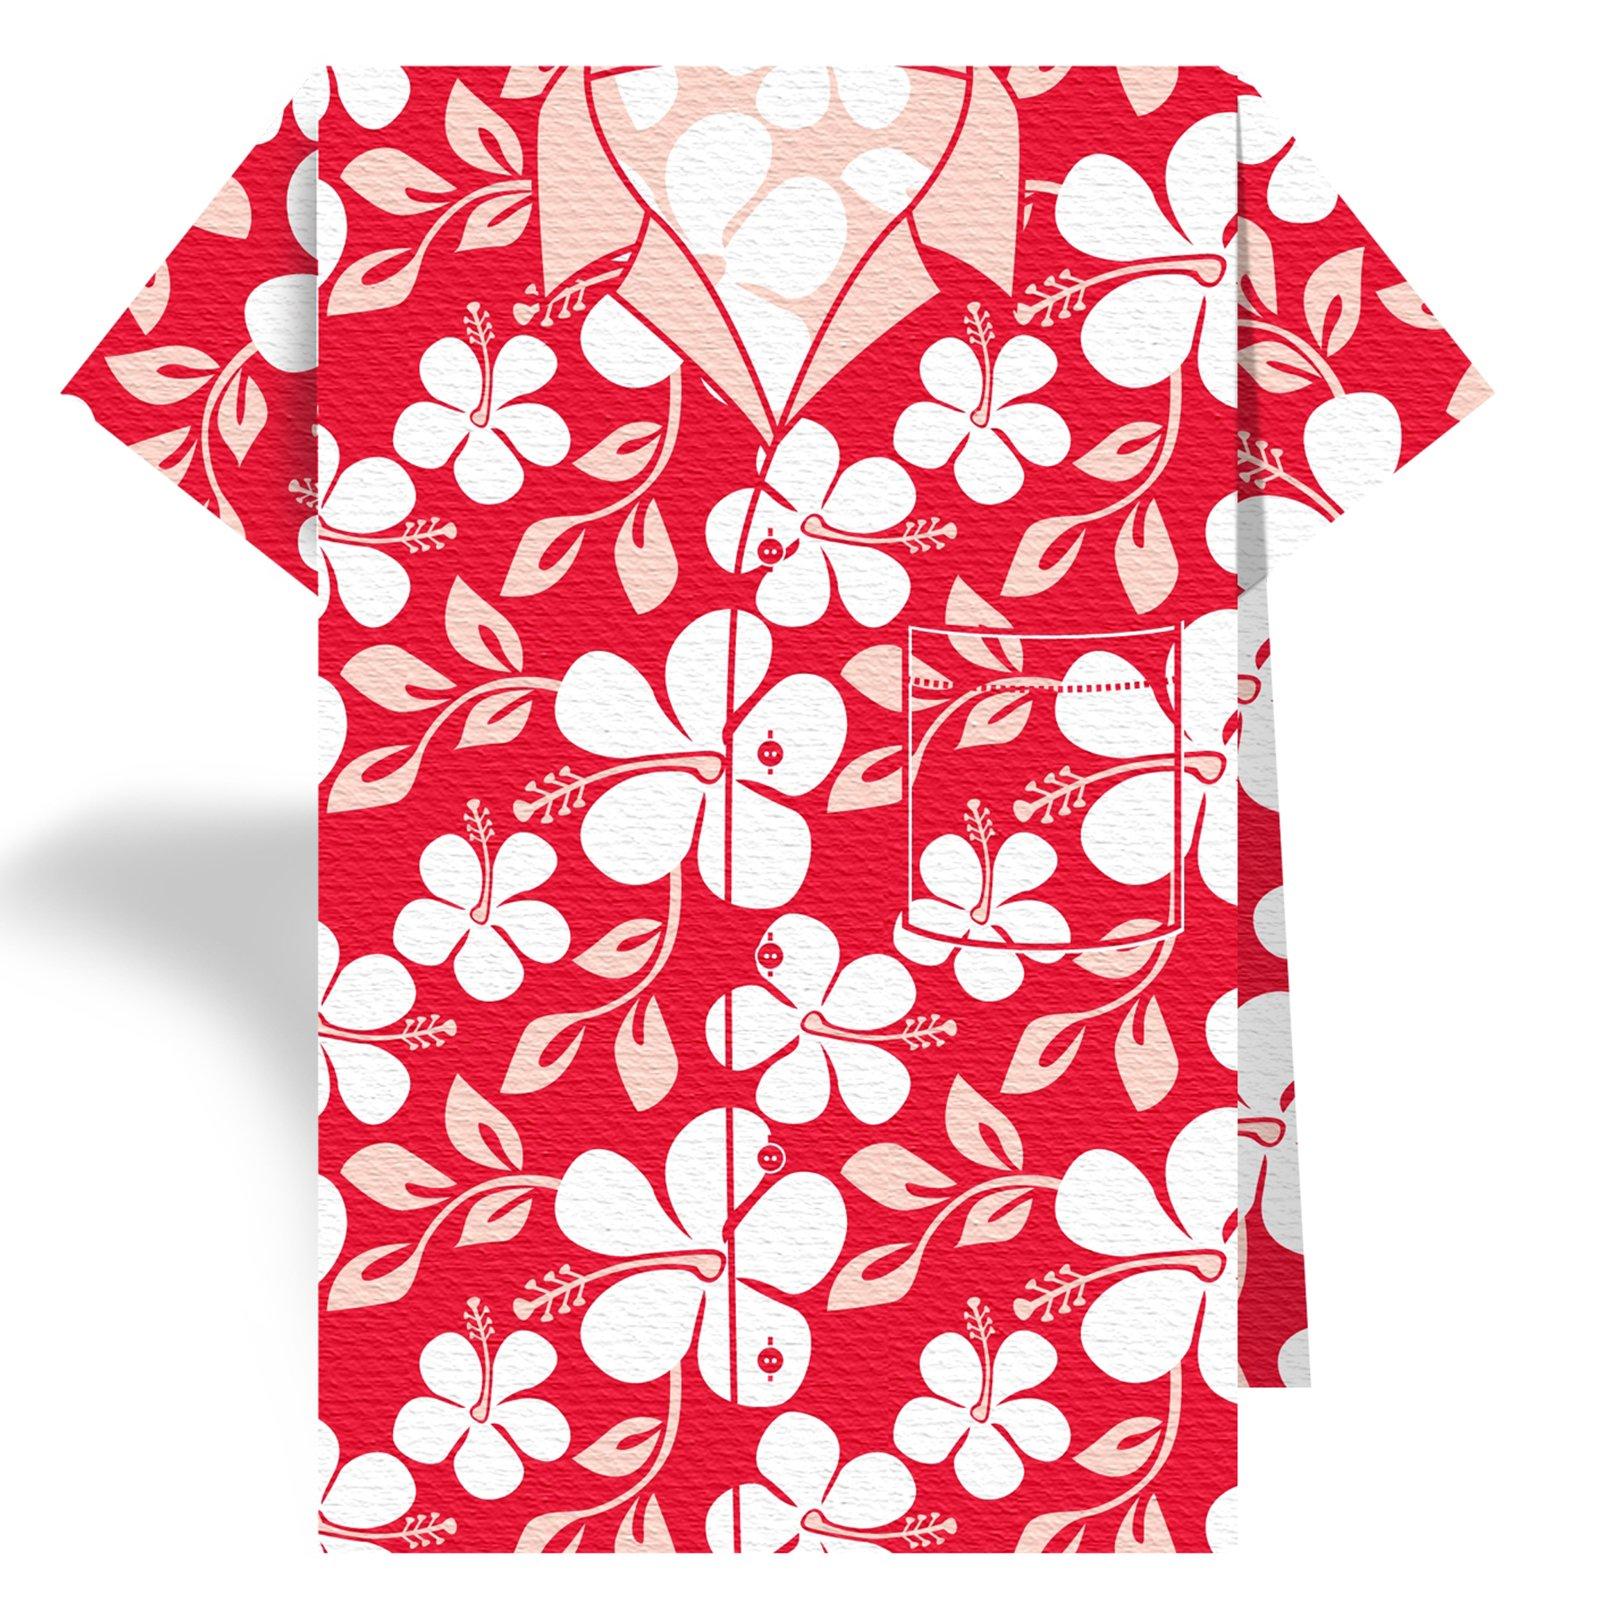 Shirt that has a red stain clipart vector transparent stock Best Hawaiian Shirt Clip Art #19376 - Clipartion.com vector transparent stock